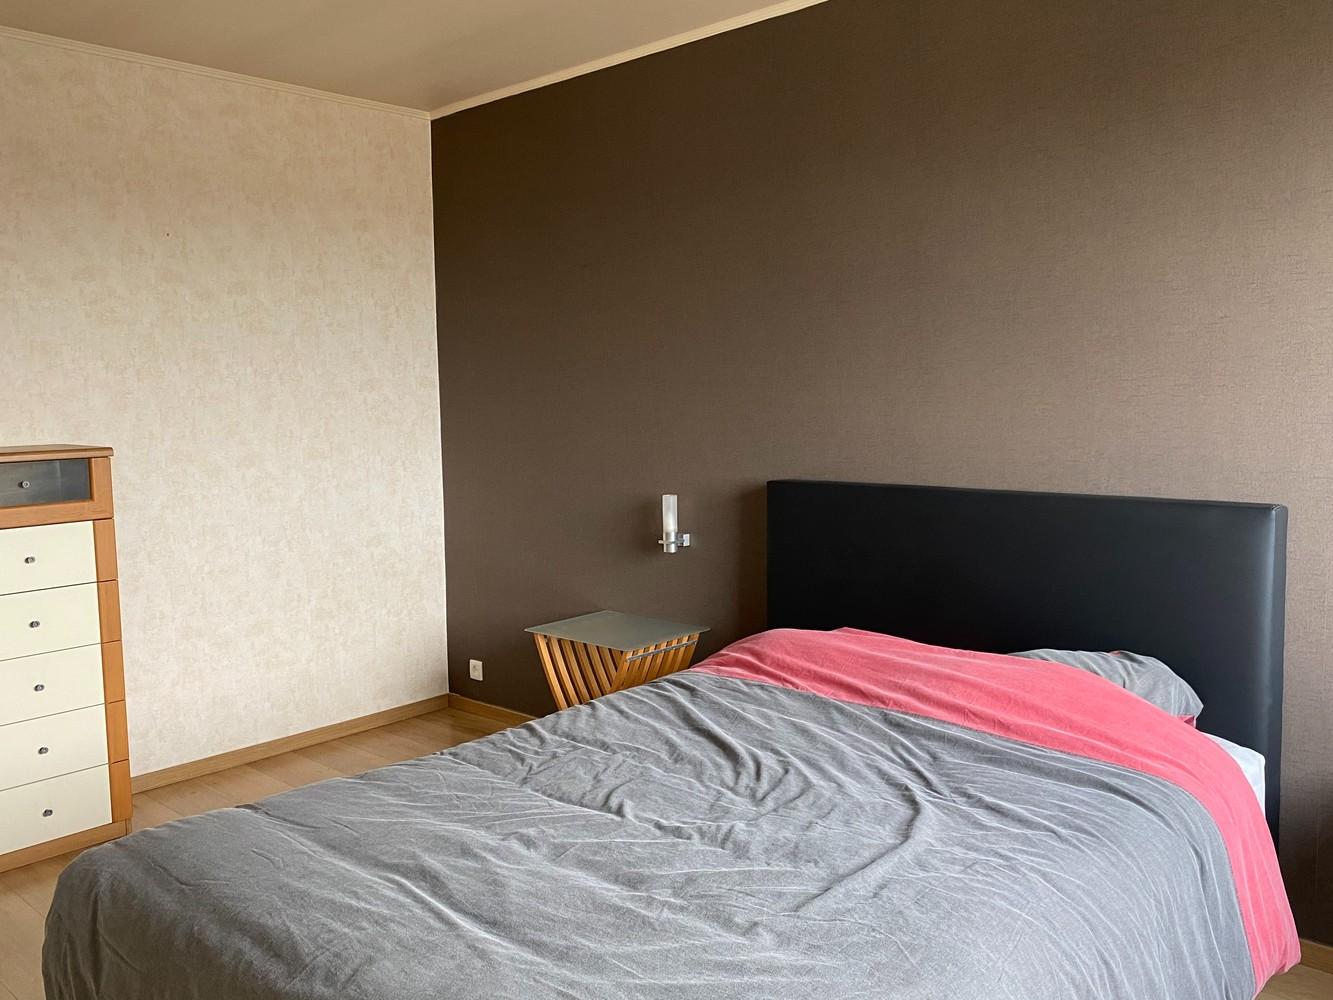 Lichtrijk, bemeubeld en ruim appartement met 2 slaapkamers & een uniek uitzicht over Antwerpen! afbeelding 13